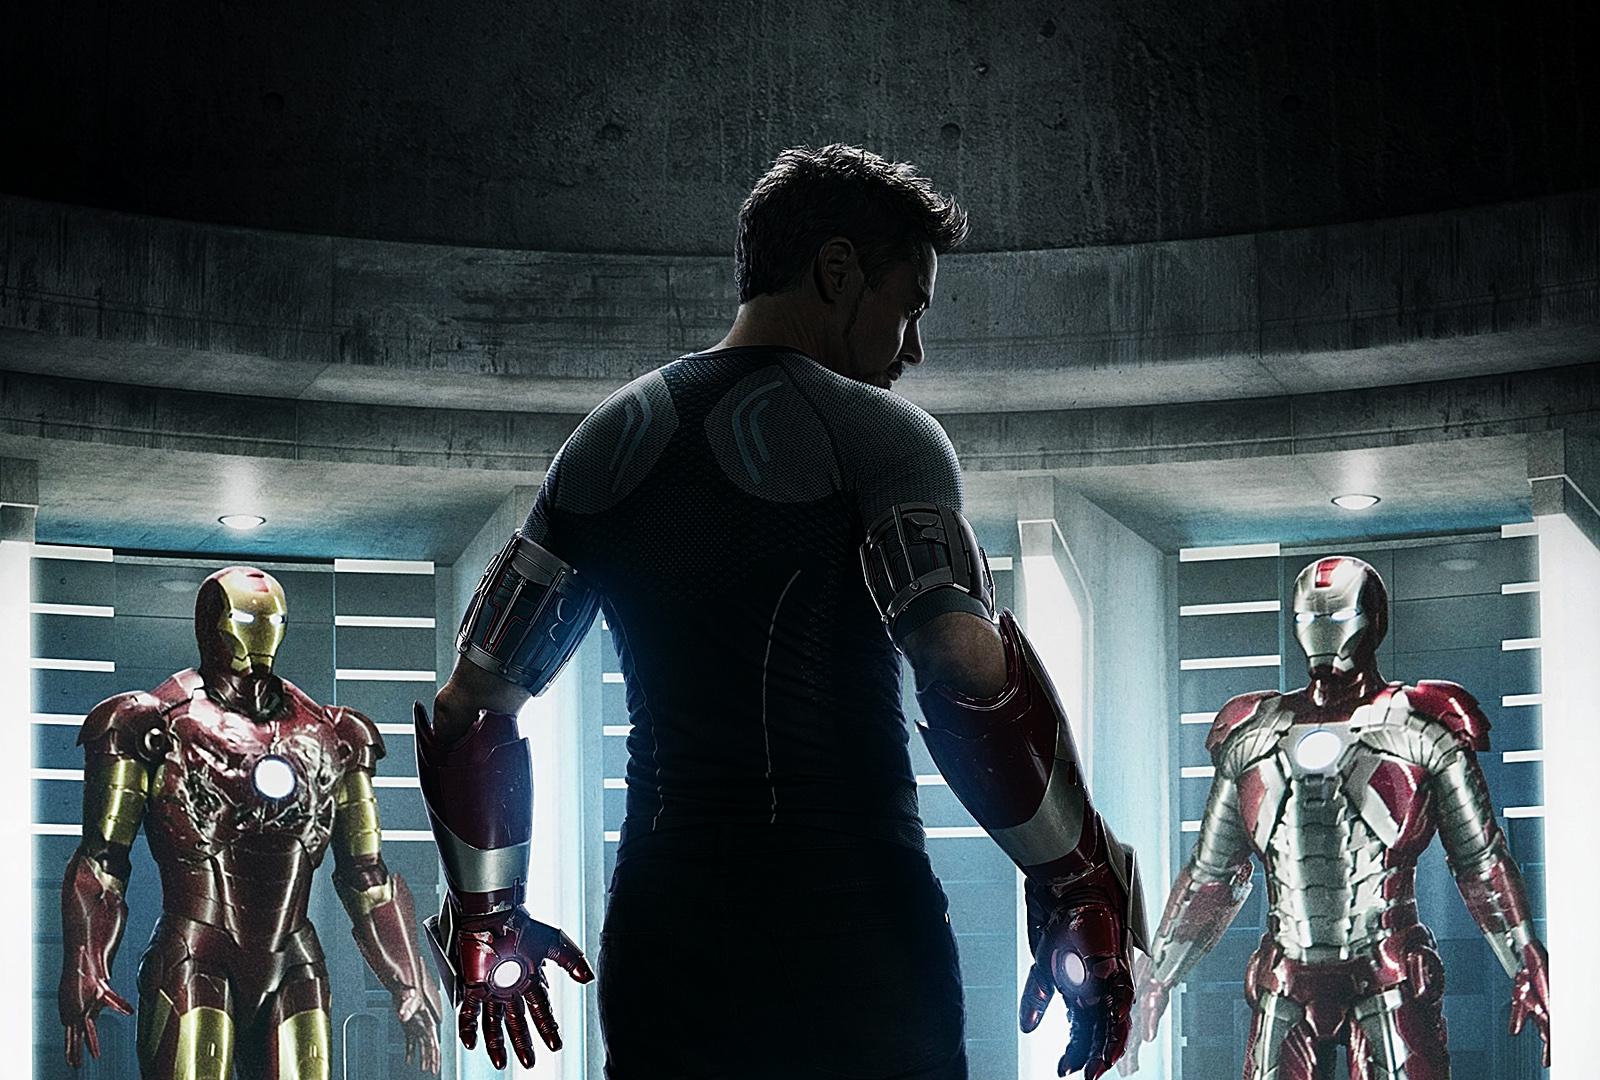 http://3.bp.blogspot.com/-9Wd6oIfmGTc/UIe5rxxXH4I/AAAAAAAAFoA/z2PeOdCktIU/s1600/Iron-Man-3-Tony-Stark-HD-Wallpaper_Vvallpaper.Net.jpg